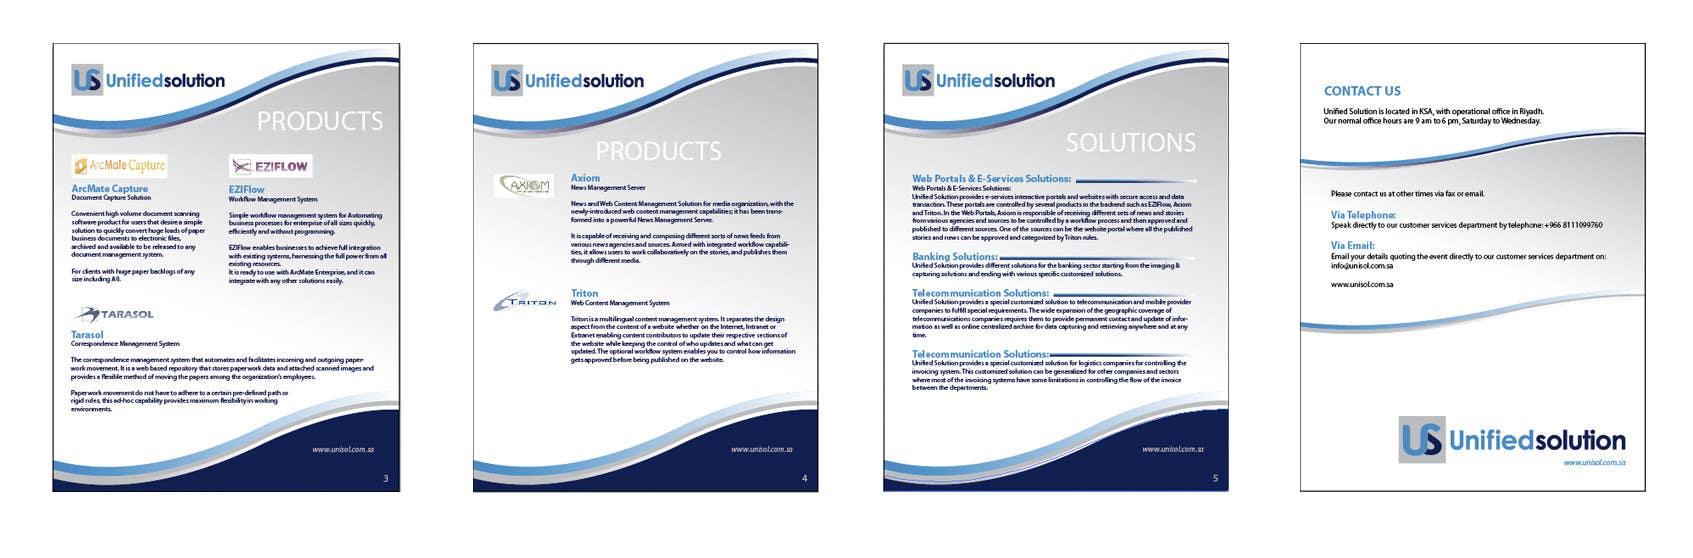 Penyertaan Peraduan #                                        20                                      untuk                                         Graphic Design for Company profile